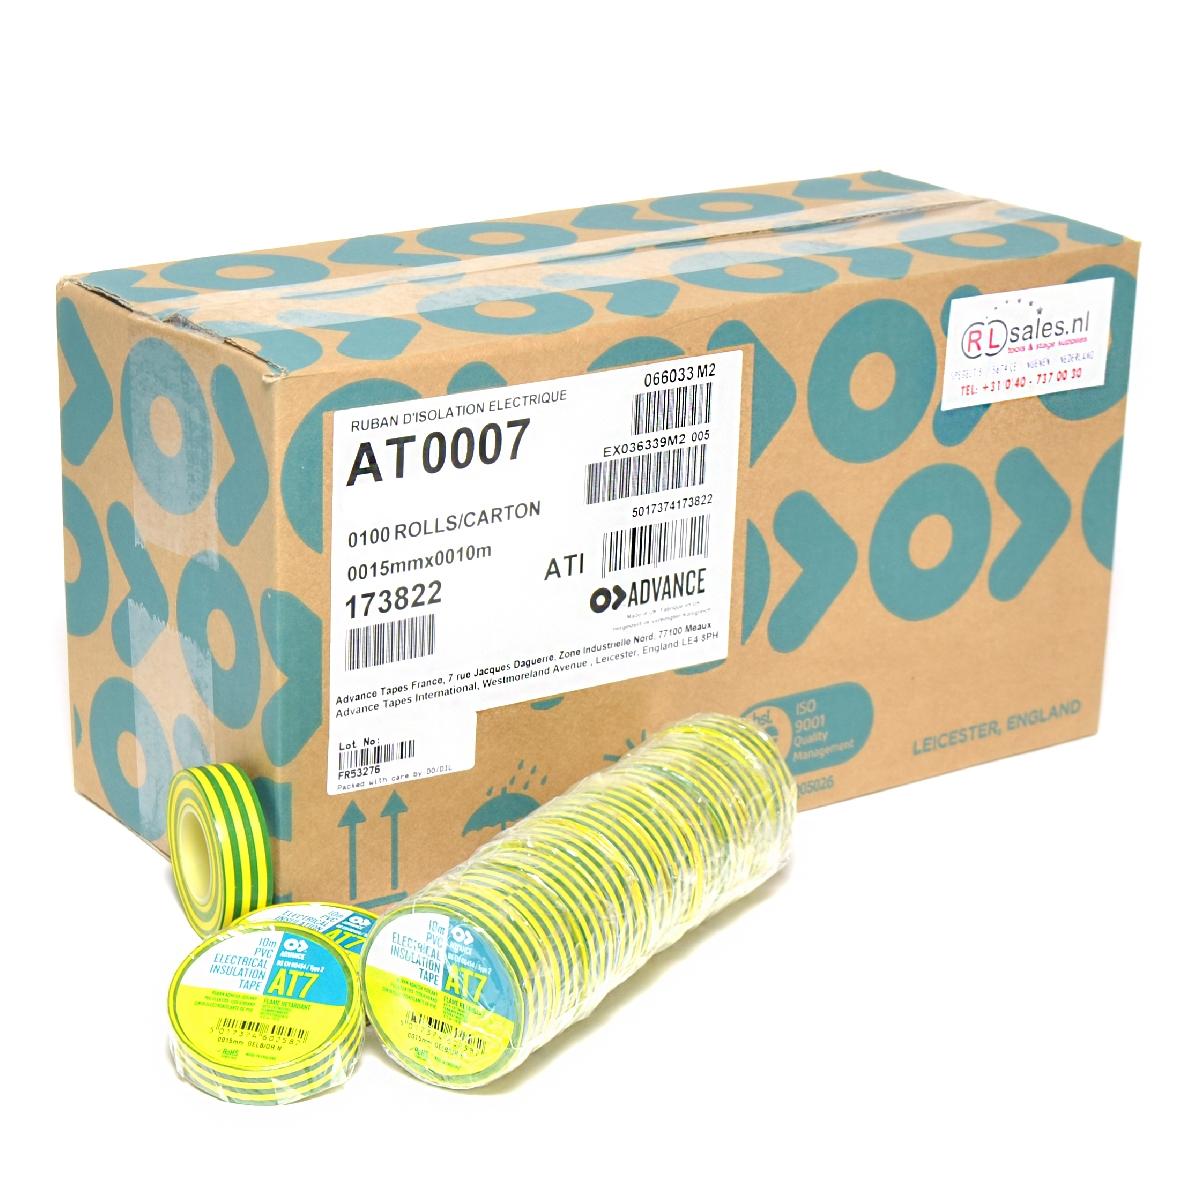 Advance -  AT7  - Isolatietape - 15mm x 10m geel/groen - doos 100 rollen